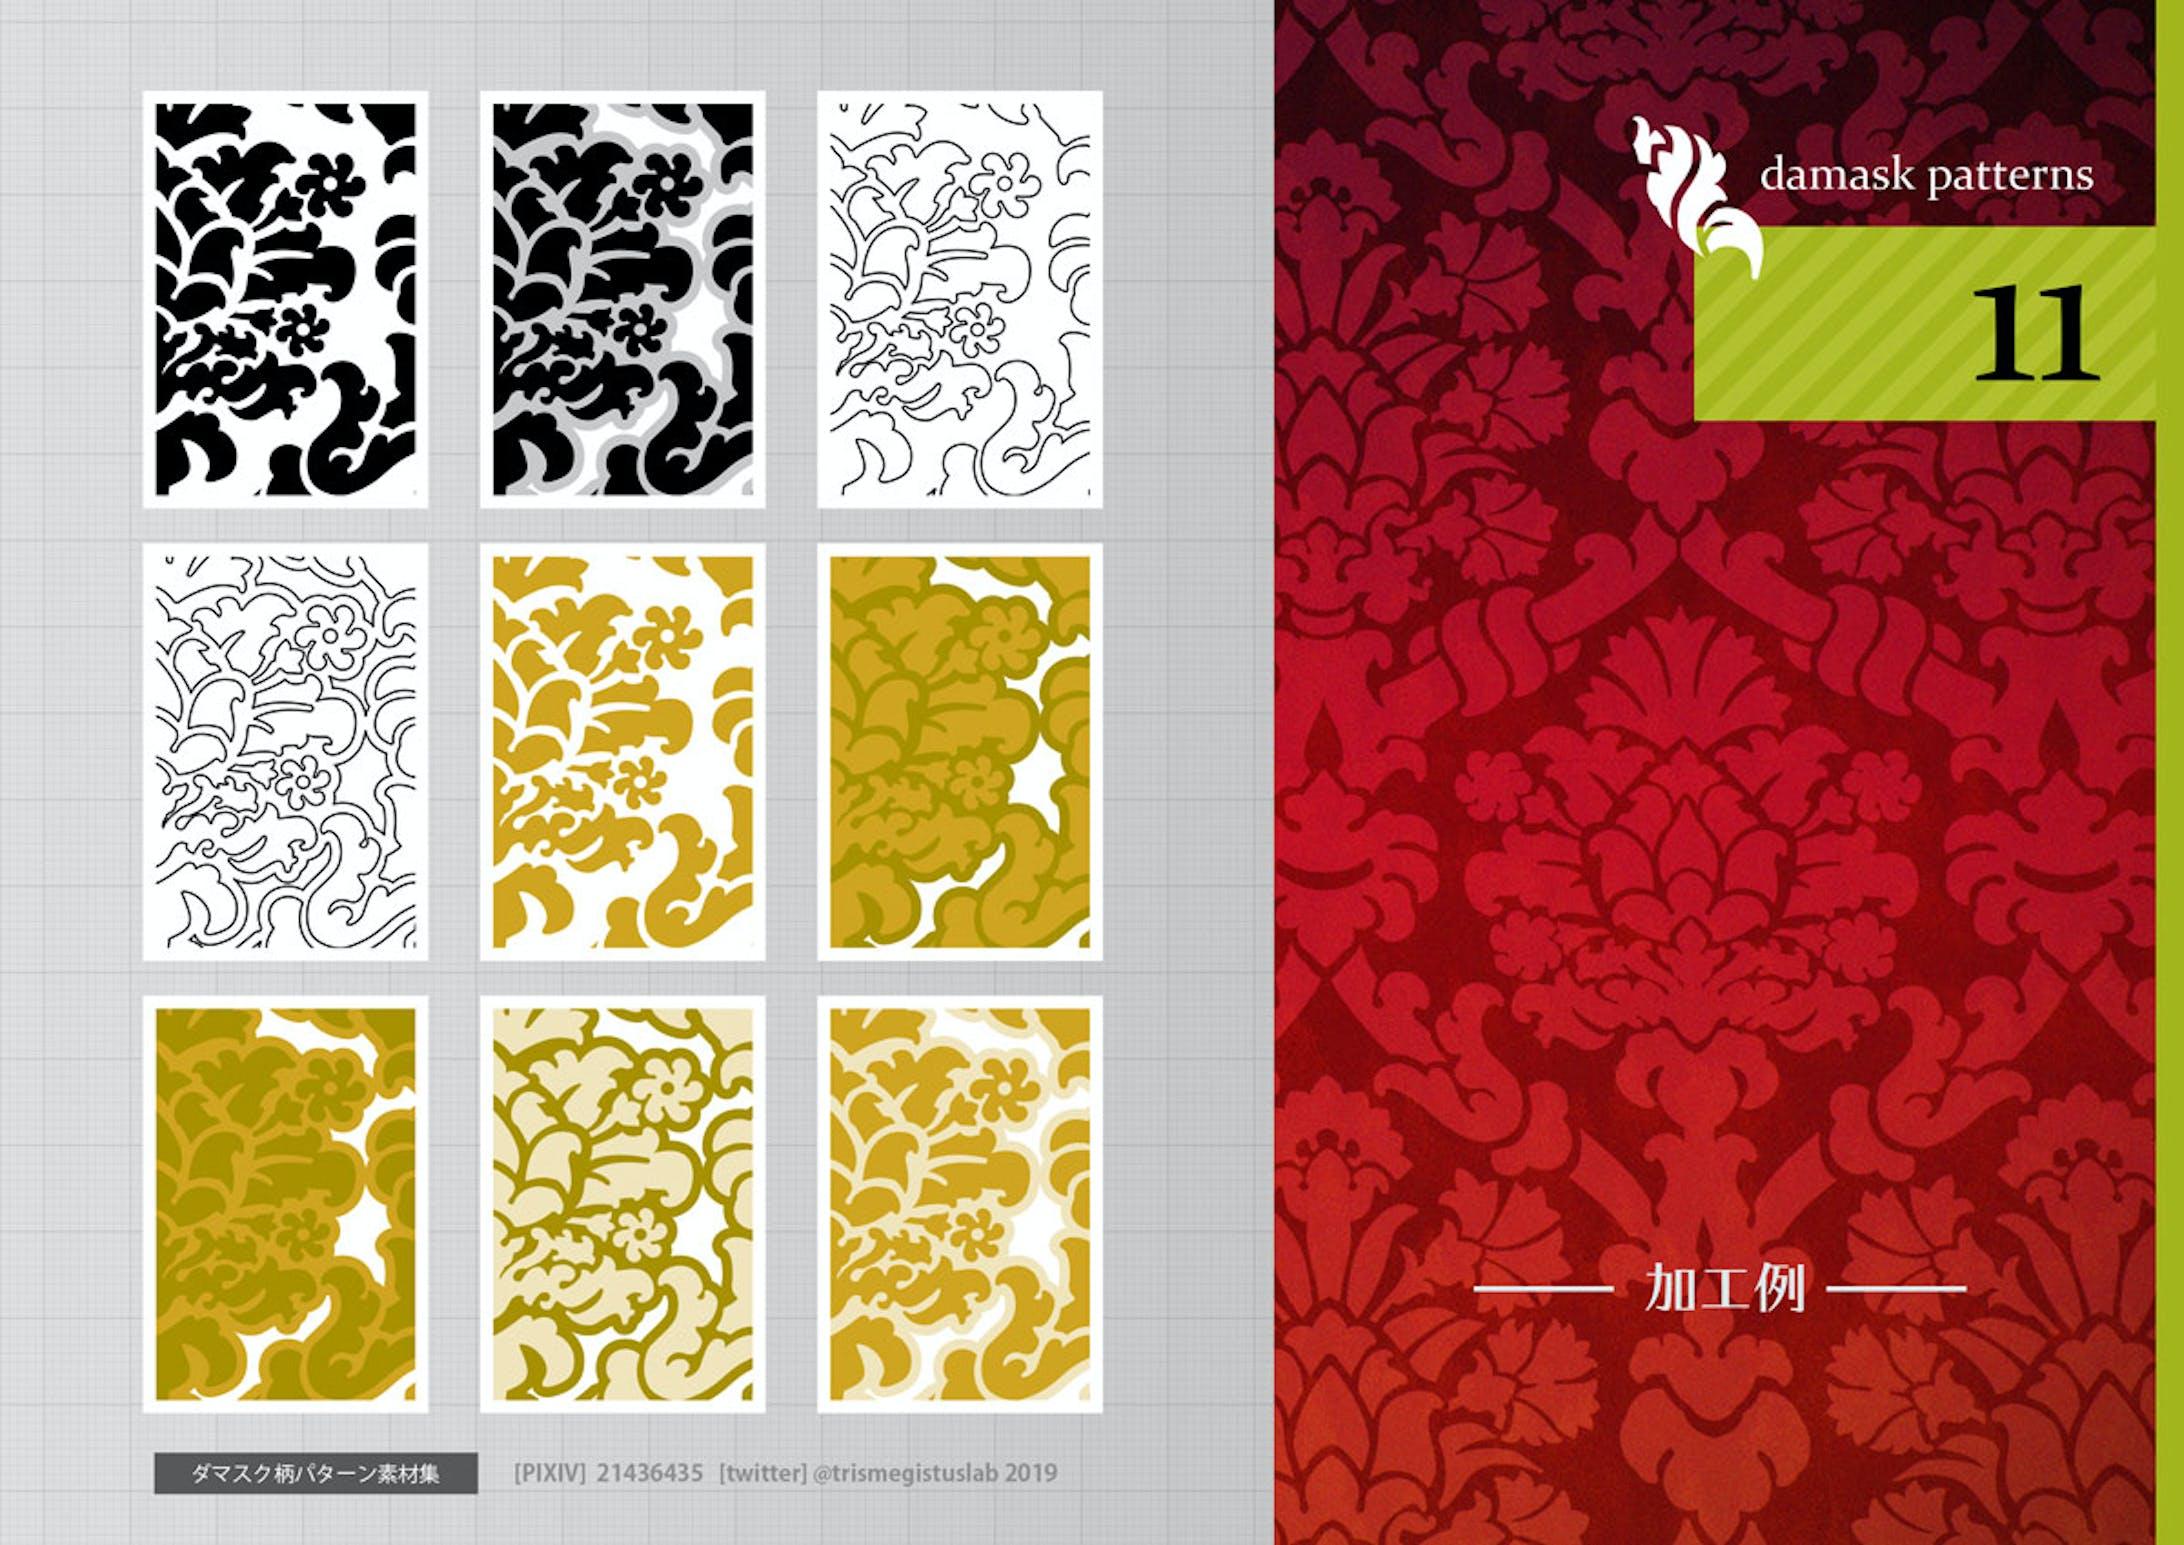 Illustratorでのシームレスパターン作成-12